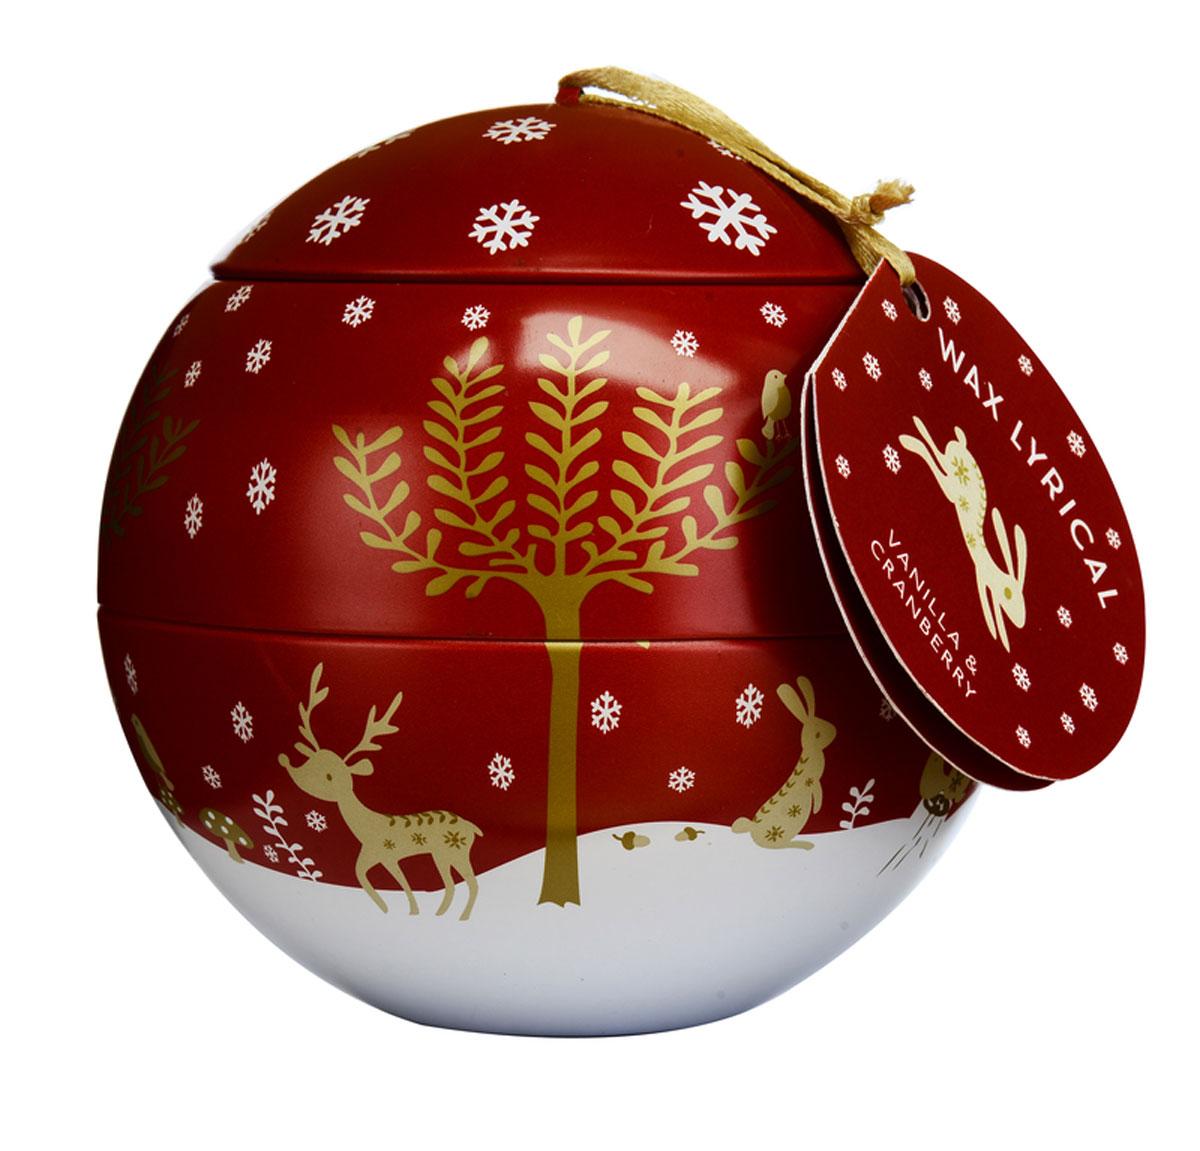 Свеча ароматизированная Wax Lyrical Зимняя ягода, 430 гCHR2018Сладкая ягода, собранная в зимнем лесу. Она сохраняет в себе свои магические свойства и наполняет дом невероятно любимым праздничным ароматом с глубокой ванильной основой.